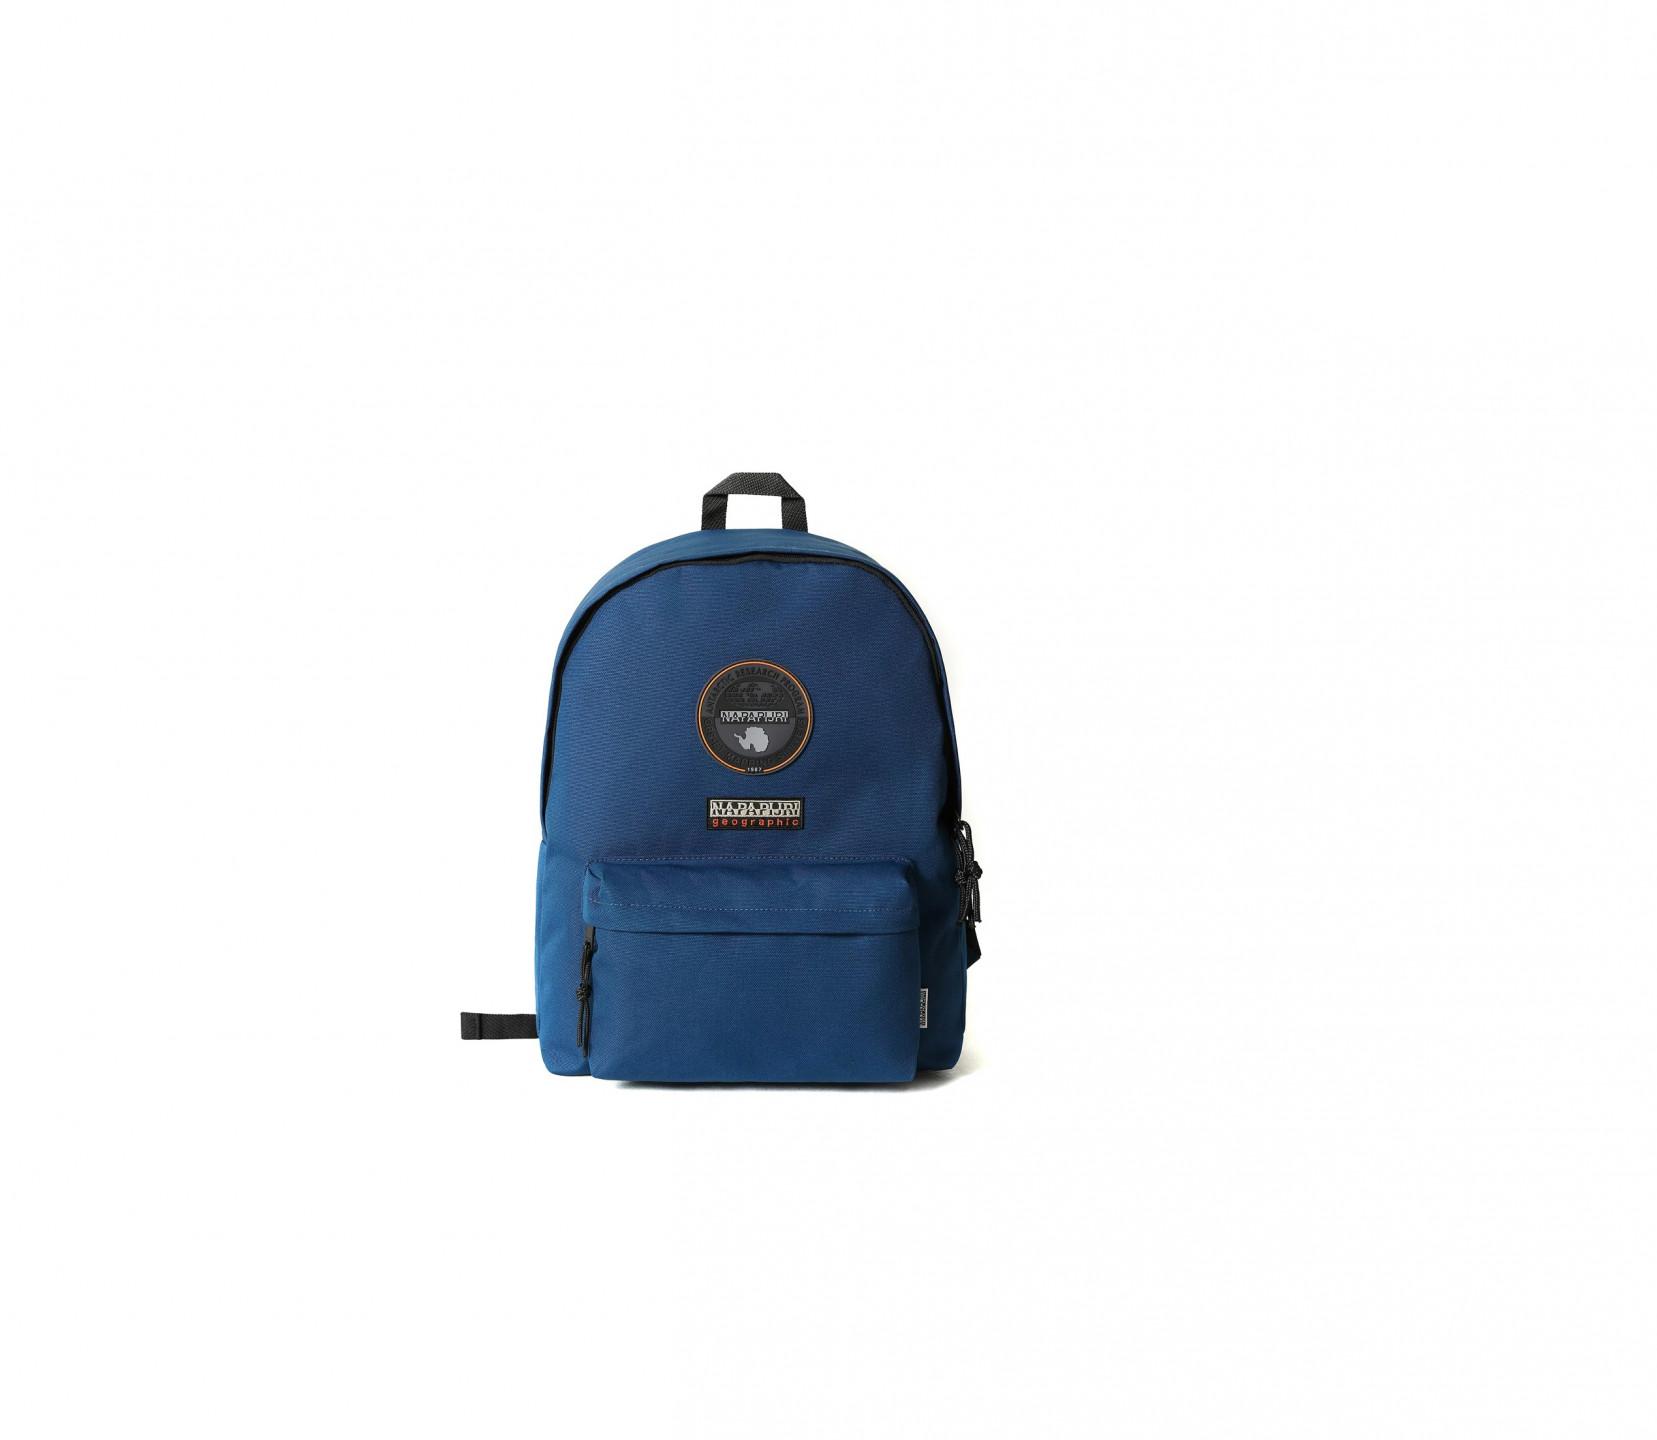 NAPAPIJRI modrý batoh VOYAGE 2